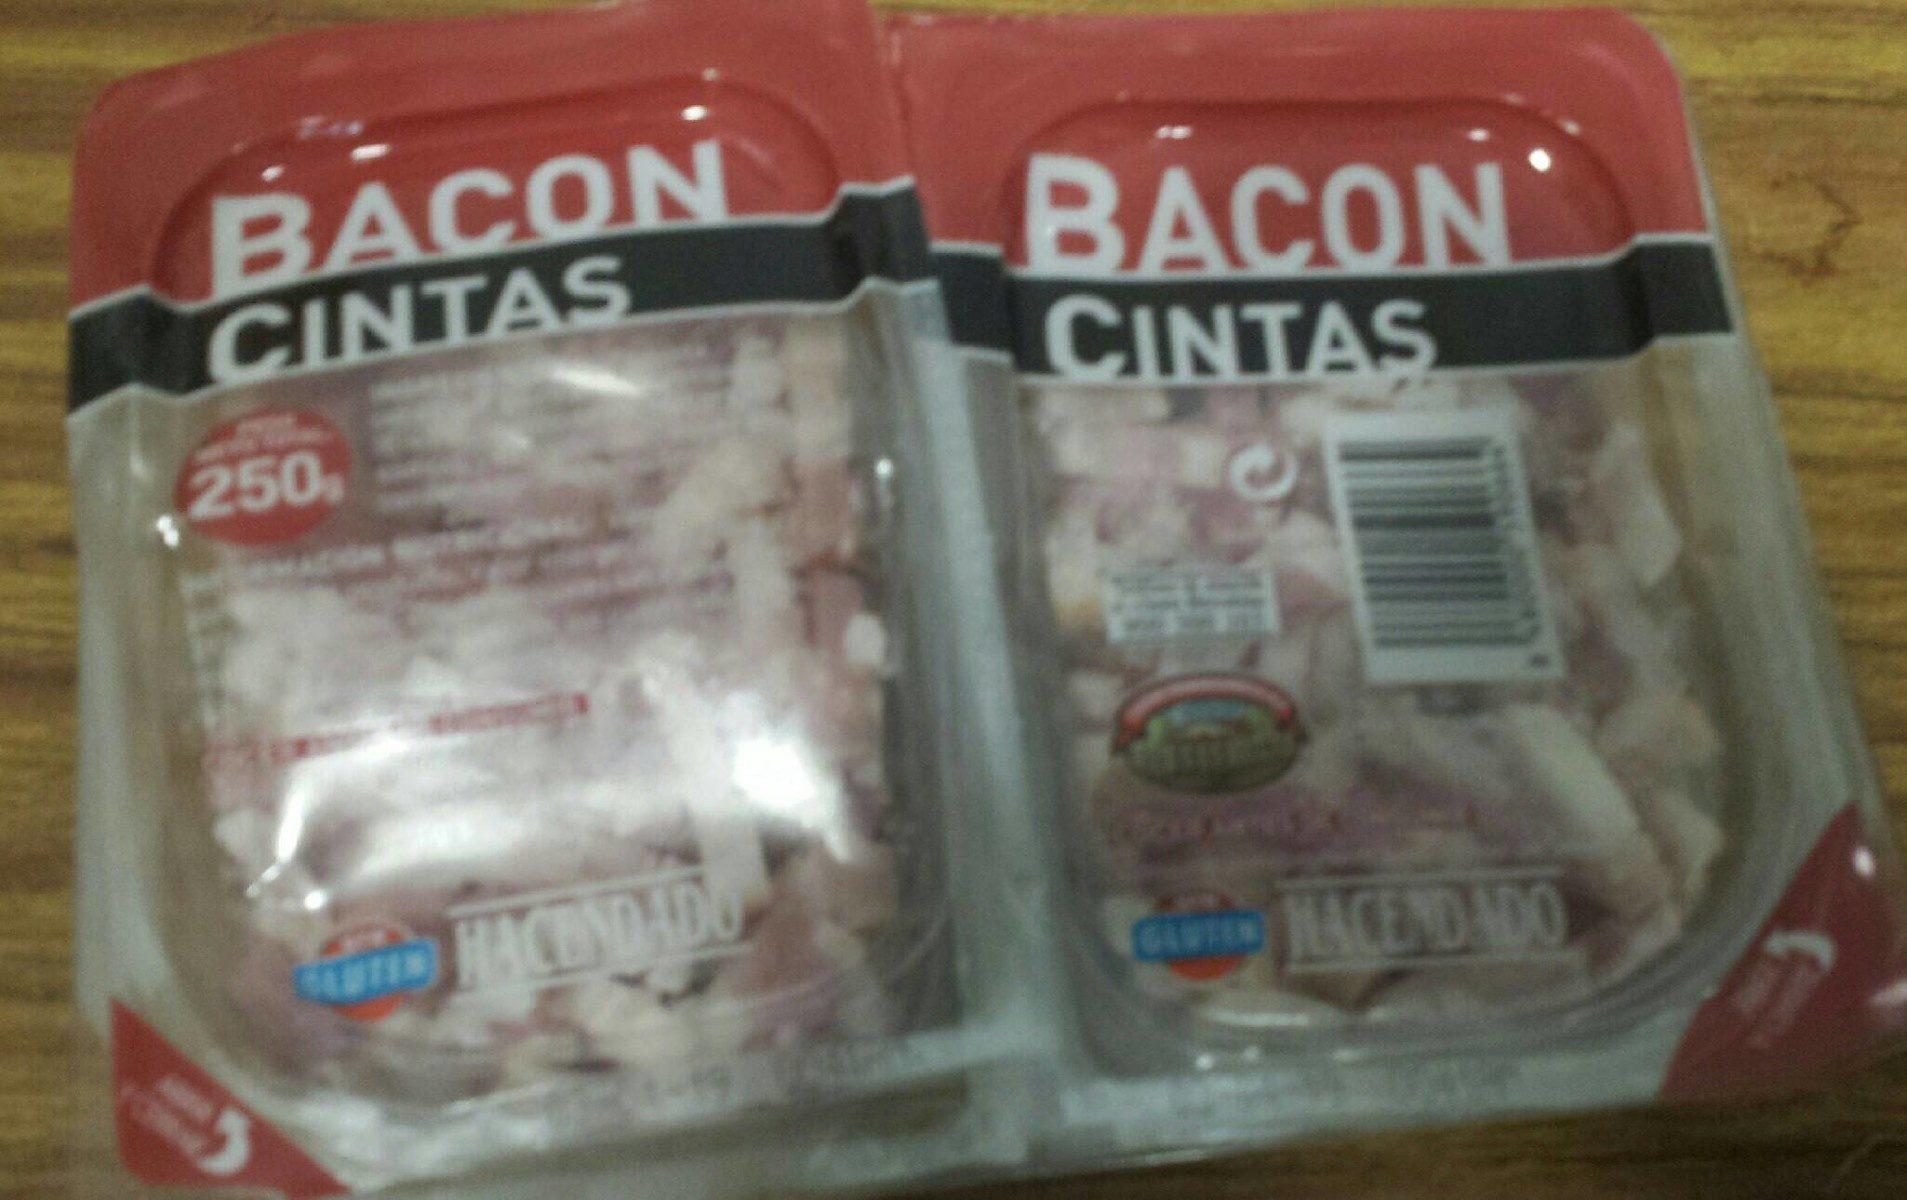 Bacon cintas - Produit - fr